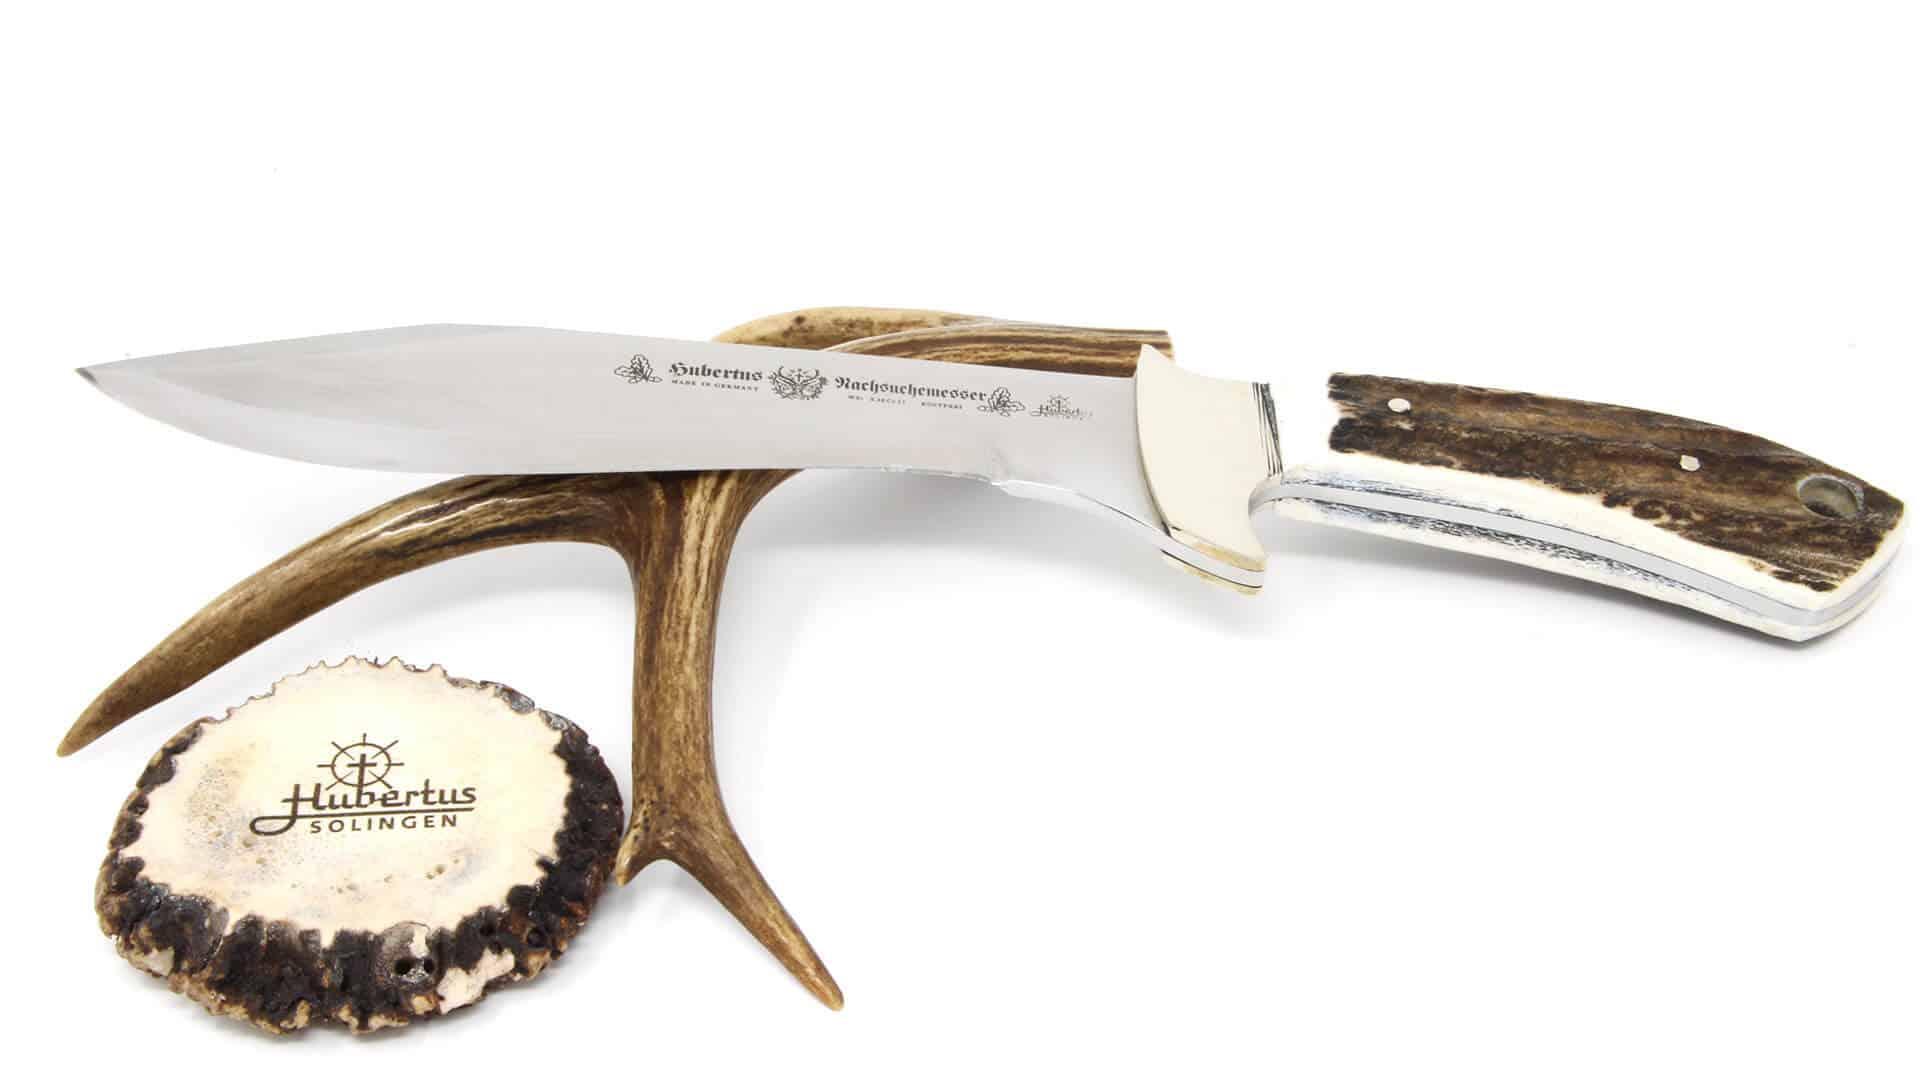 Hubertus Nachsuchmesser Messervertrieb Rottner